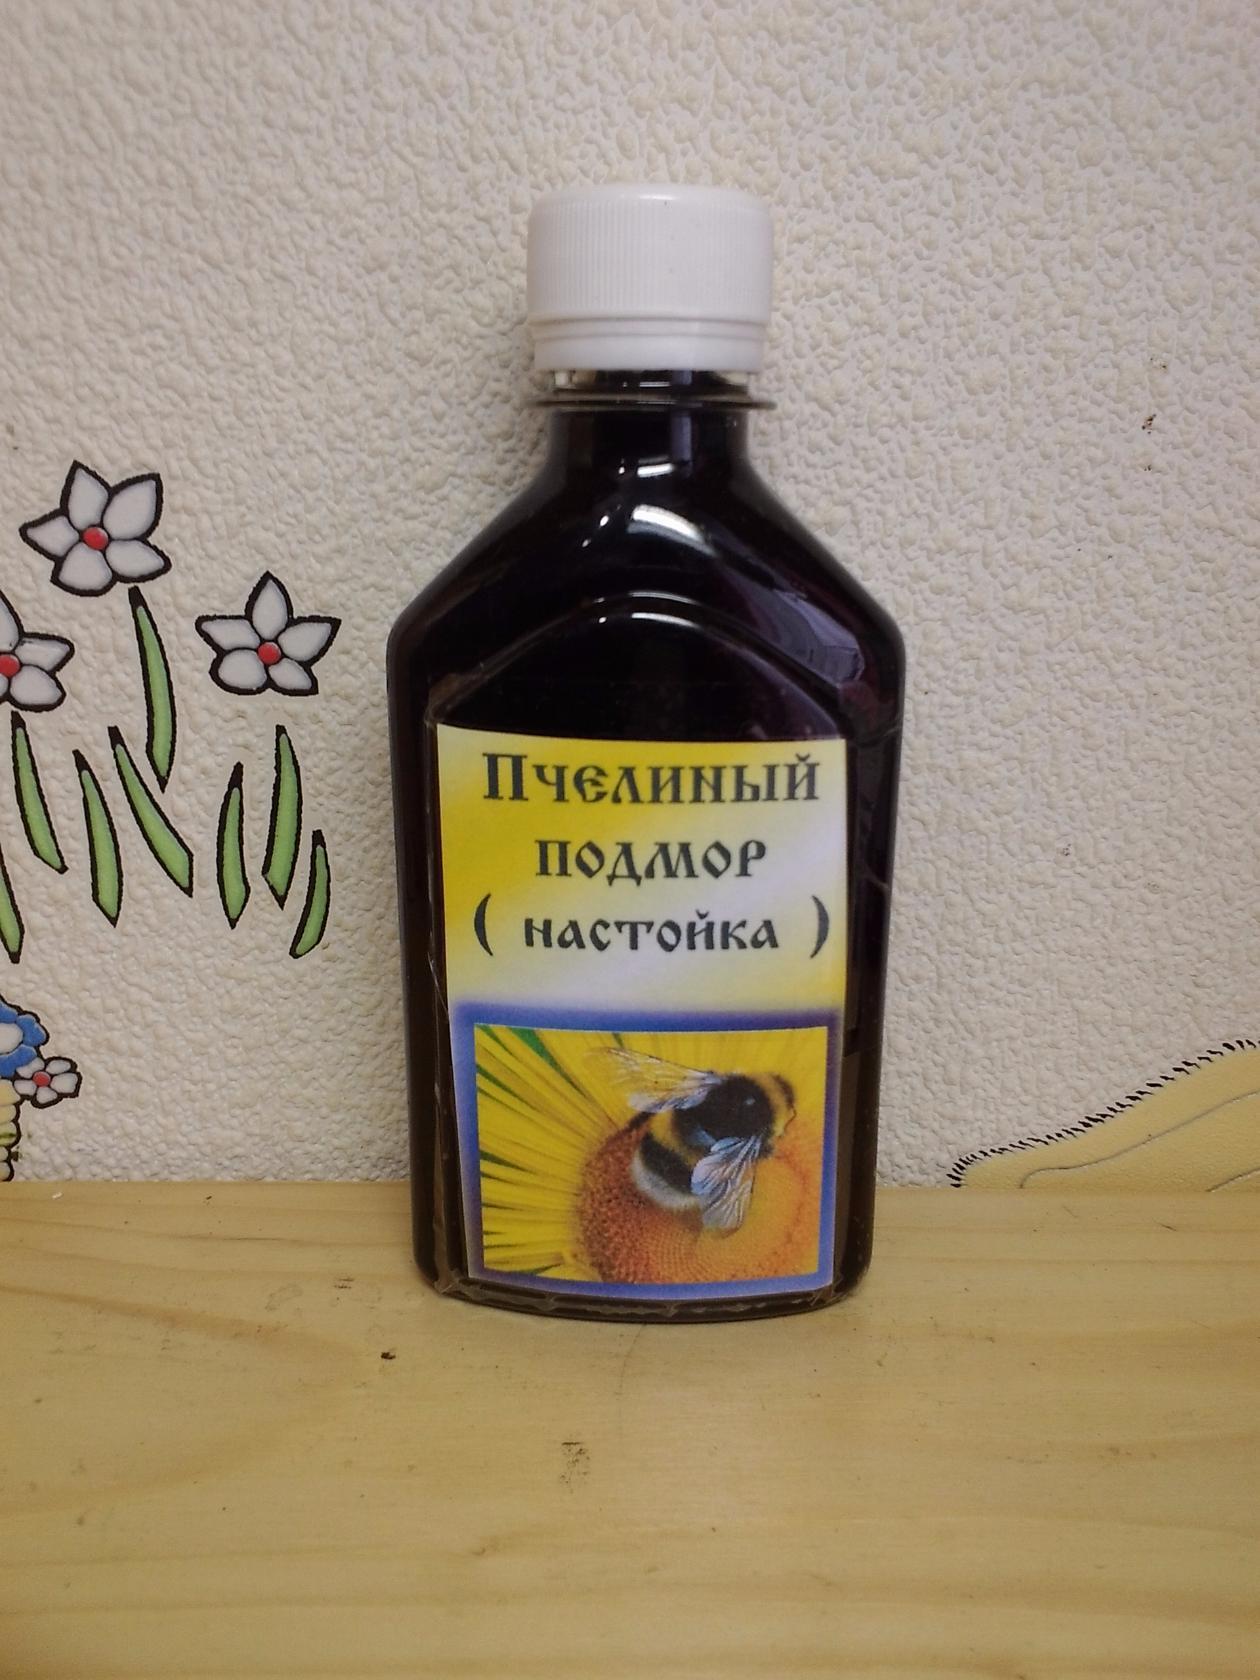 Настойка из подмора пчел от сахарного диабета: Пчелиный подмор настойка, применение, лечение